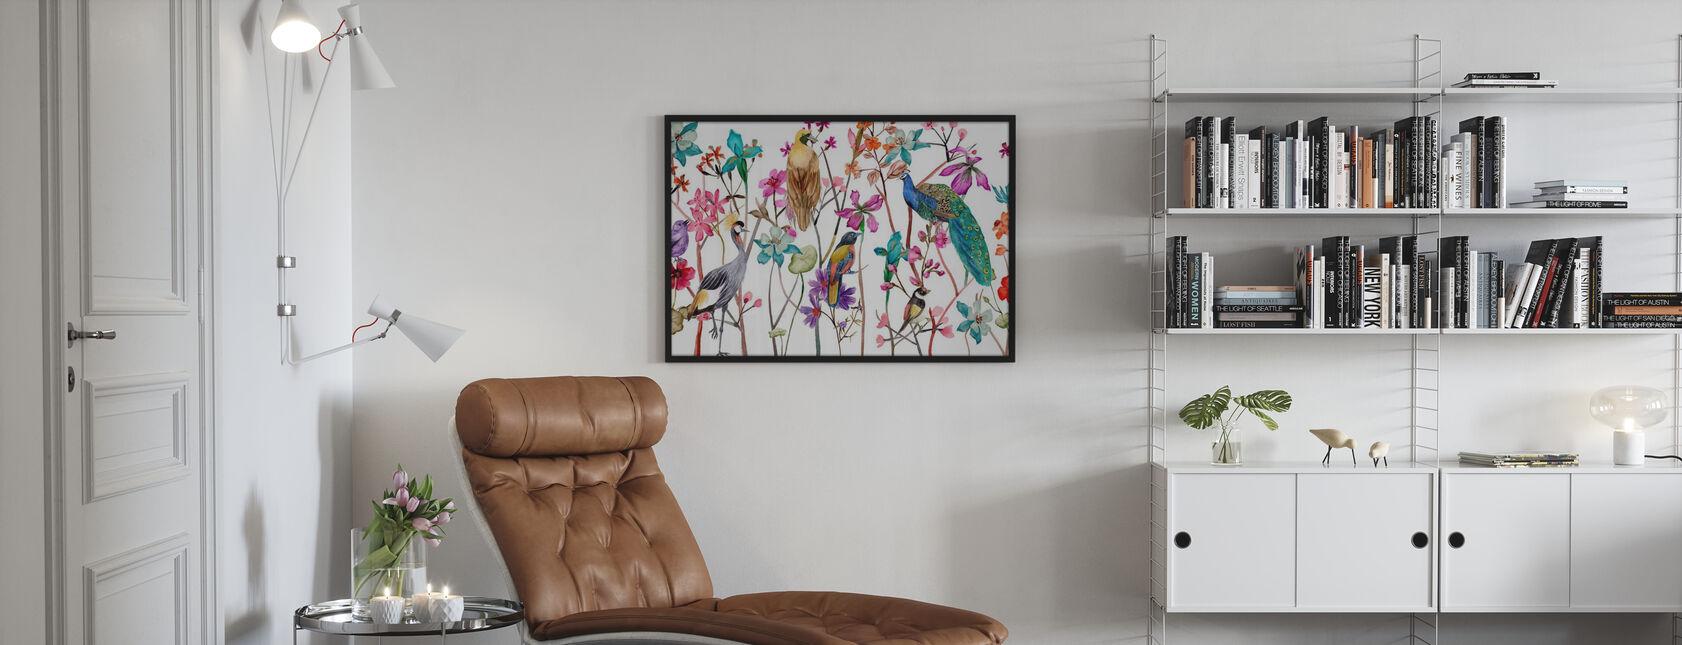 Tangled Garden - Poster - Living Room